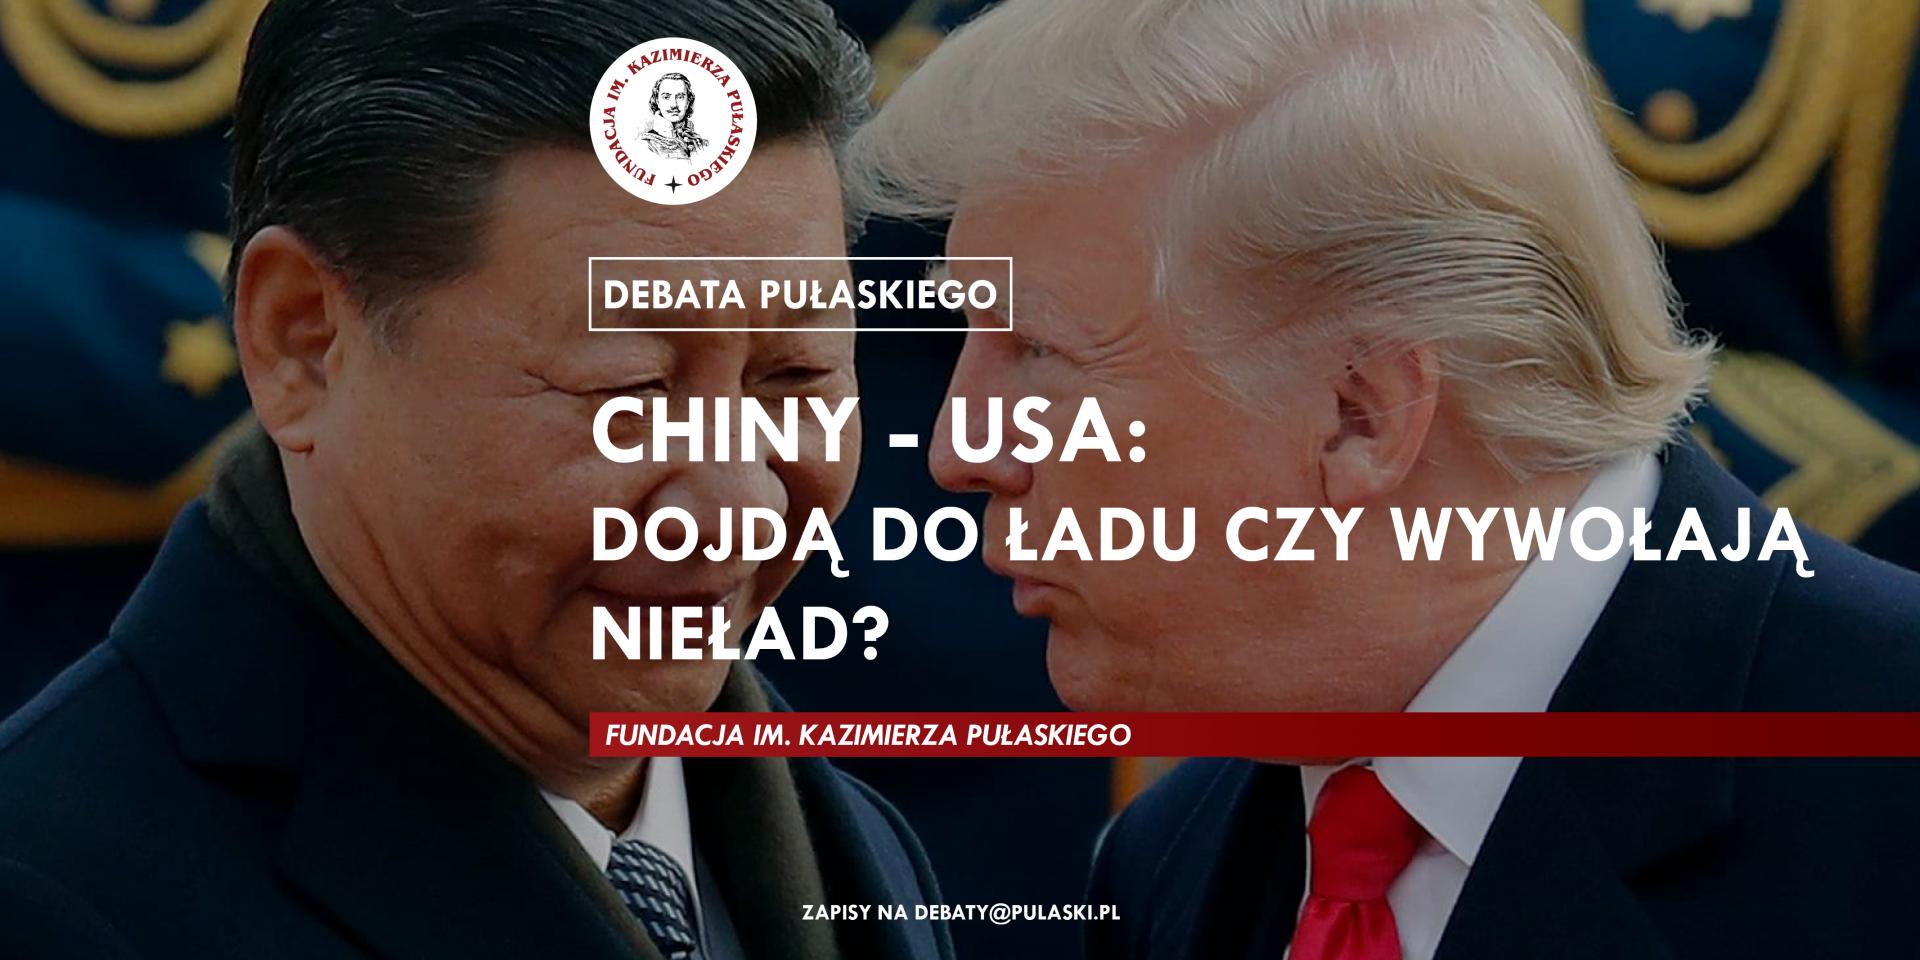 Chiny – USA: dojdą doładu czywywołają nieład? – spotkanie zekspertem Fundacji Pułaskiego drhab. Bogdanem Góralczykiem